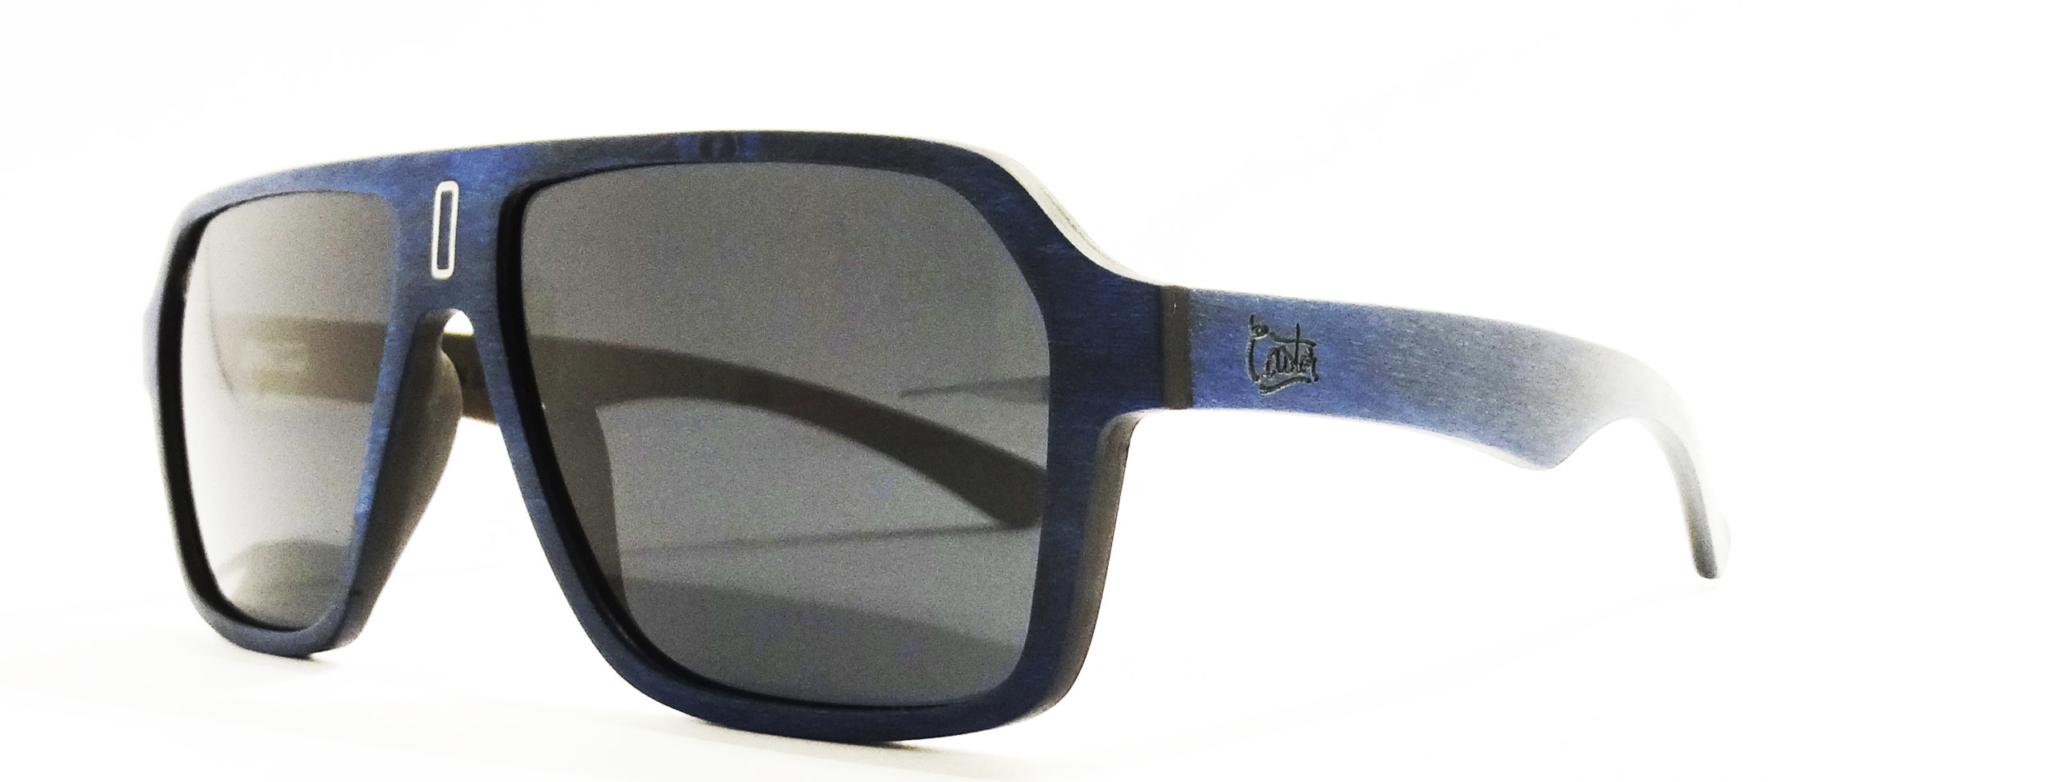 30d7cf70-234b-gafas-de-sol